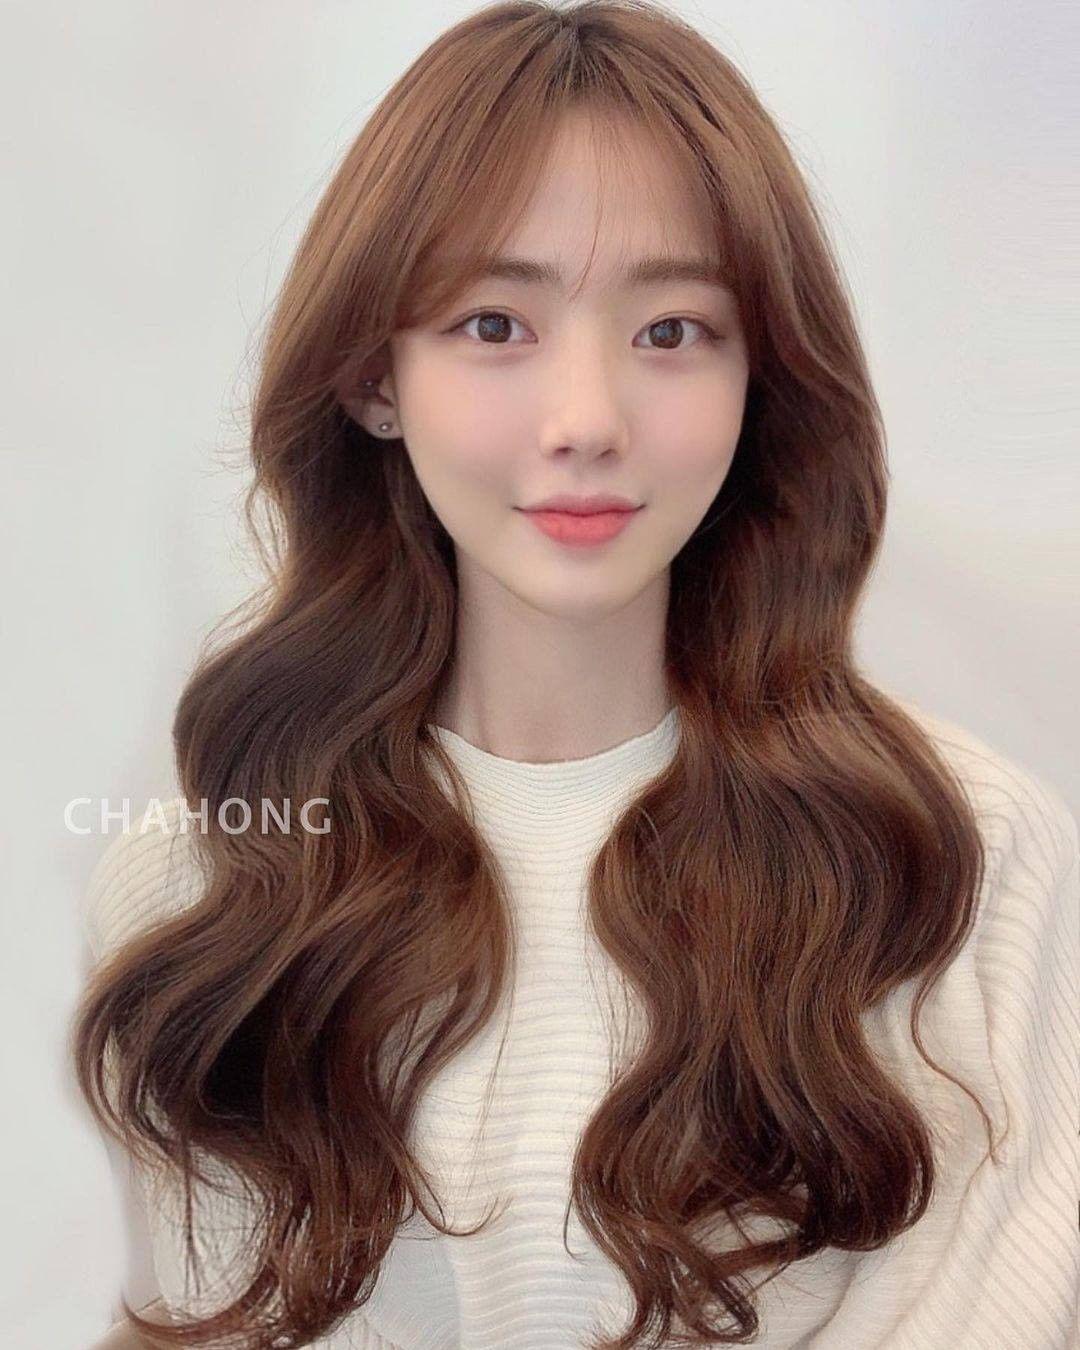 3 kiểu tóc xoăn không hề già, còn 'phù phép' tóc mỏng thành dày dặn bồng bềnh dành riêng cho phe tóc dài - Ảnh 5